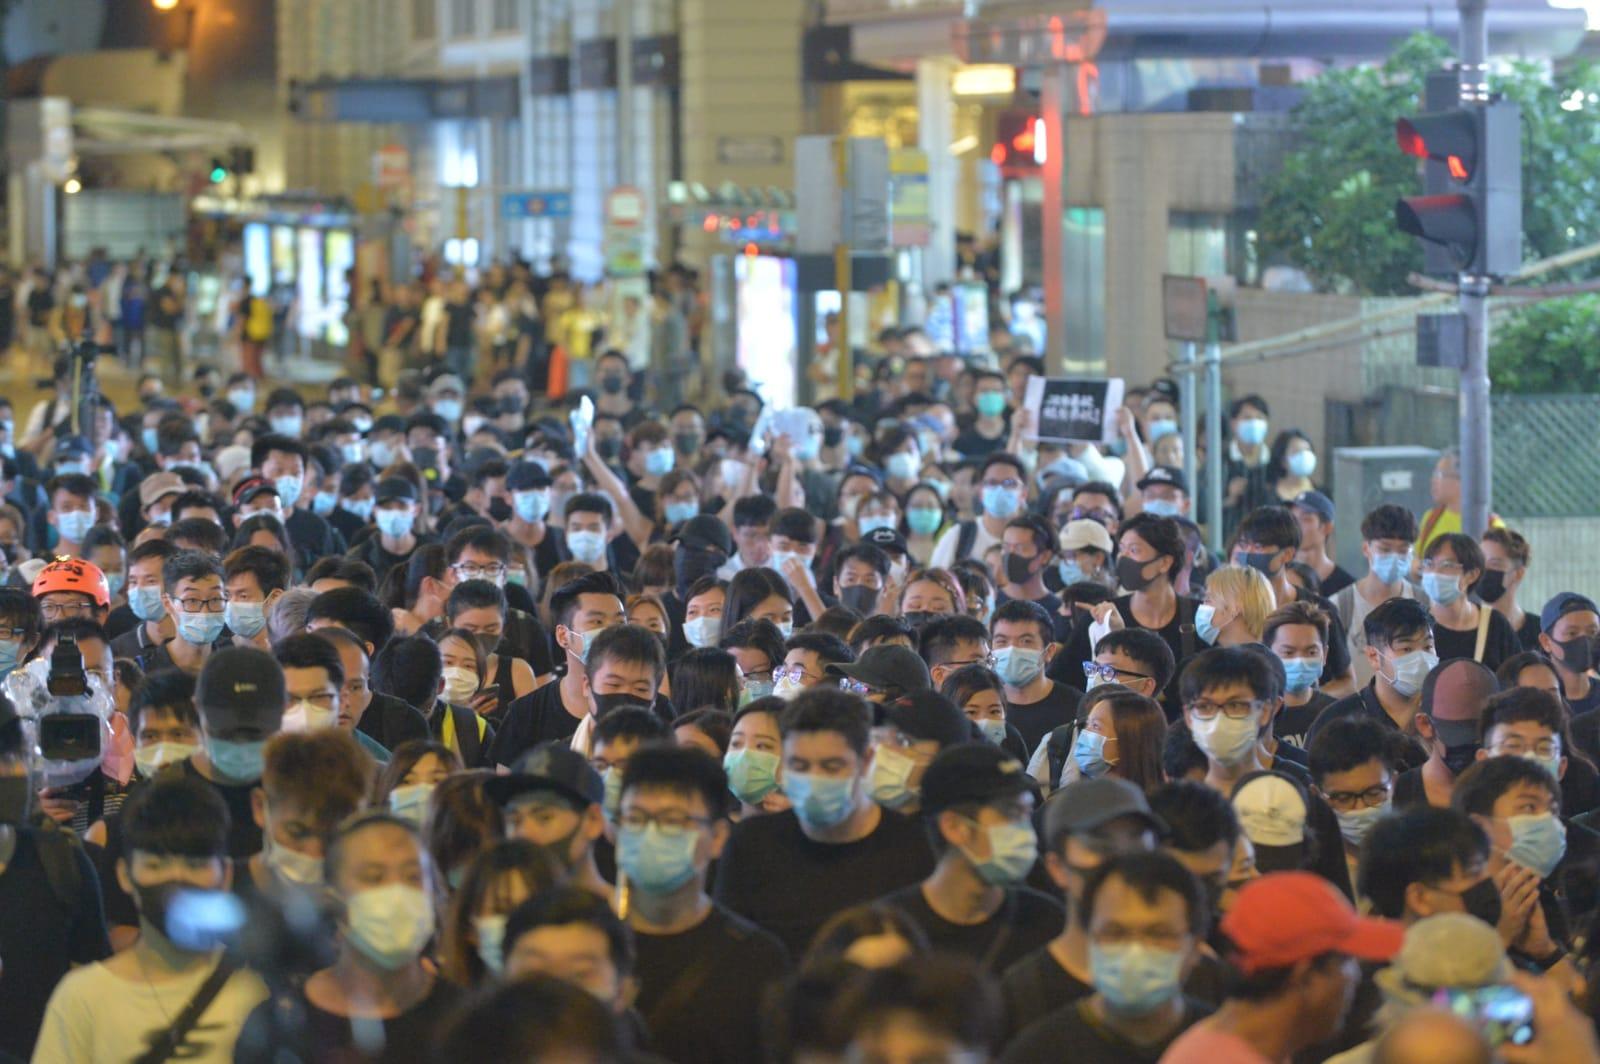 今日九龍大遊行是7月第3場大型社會運動。